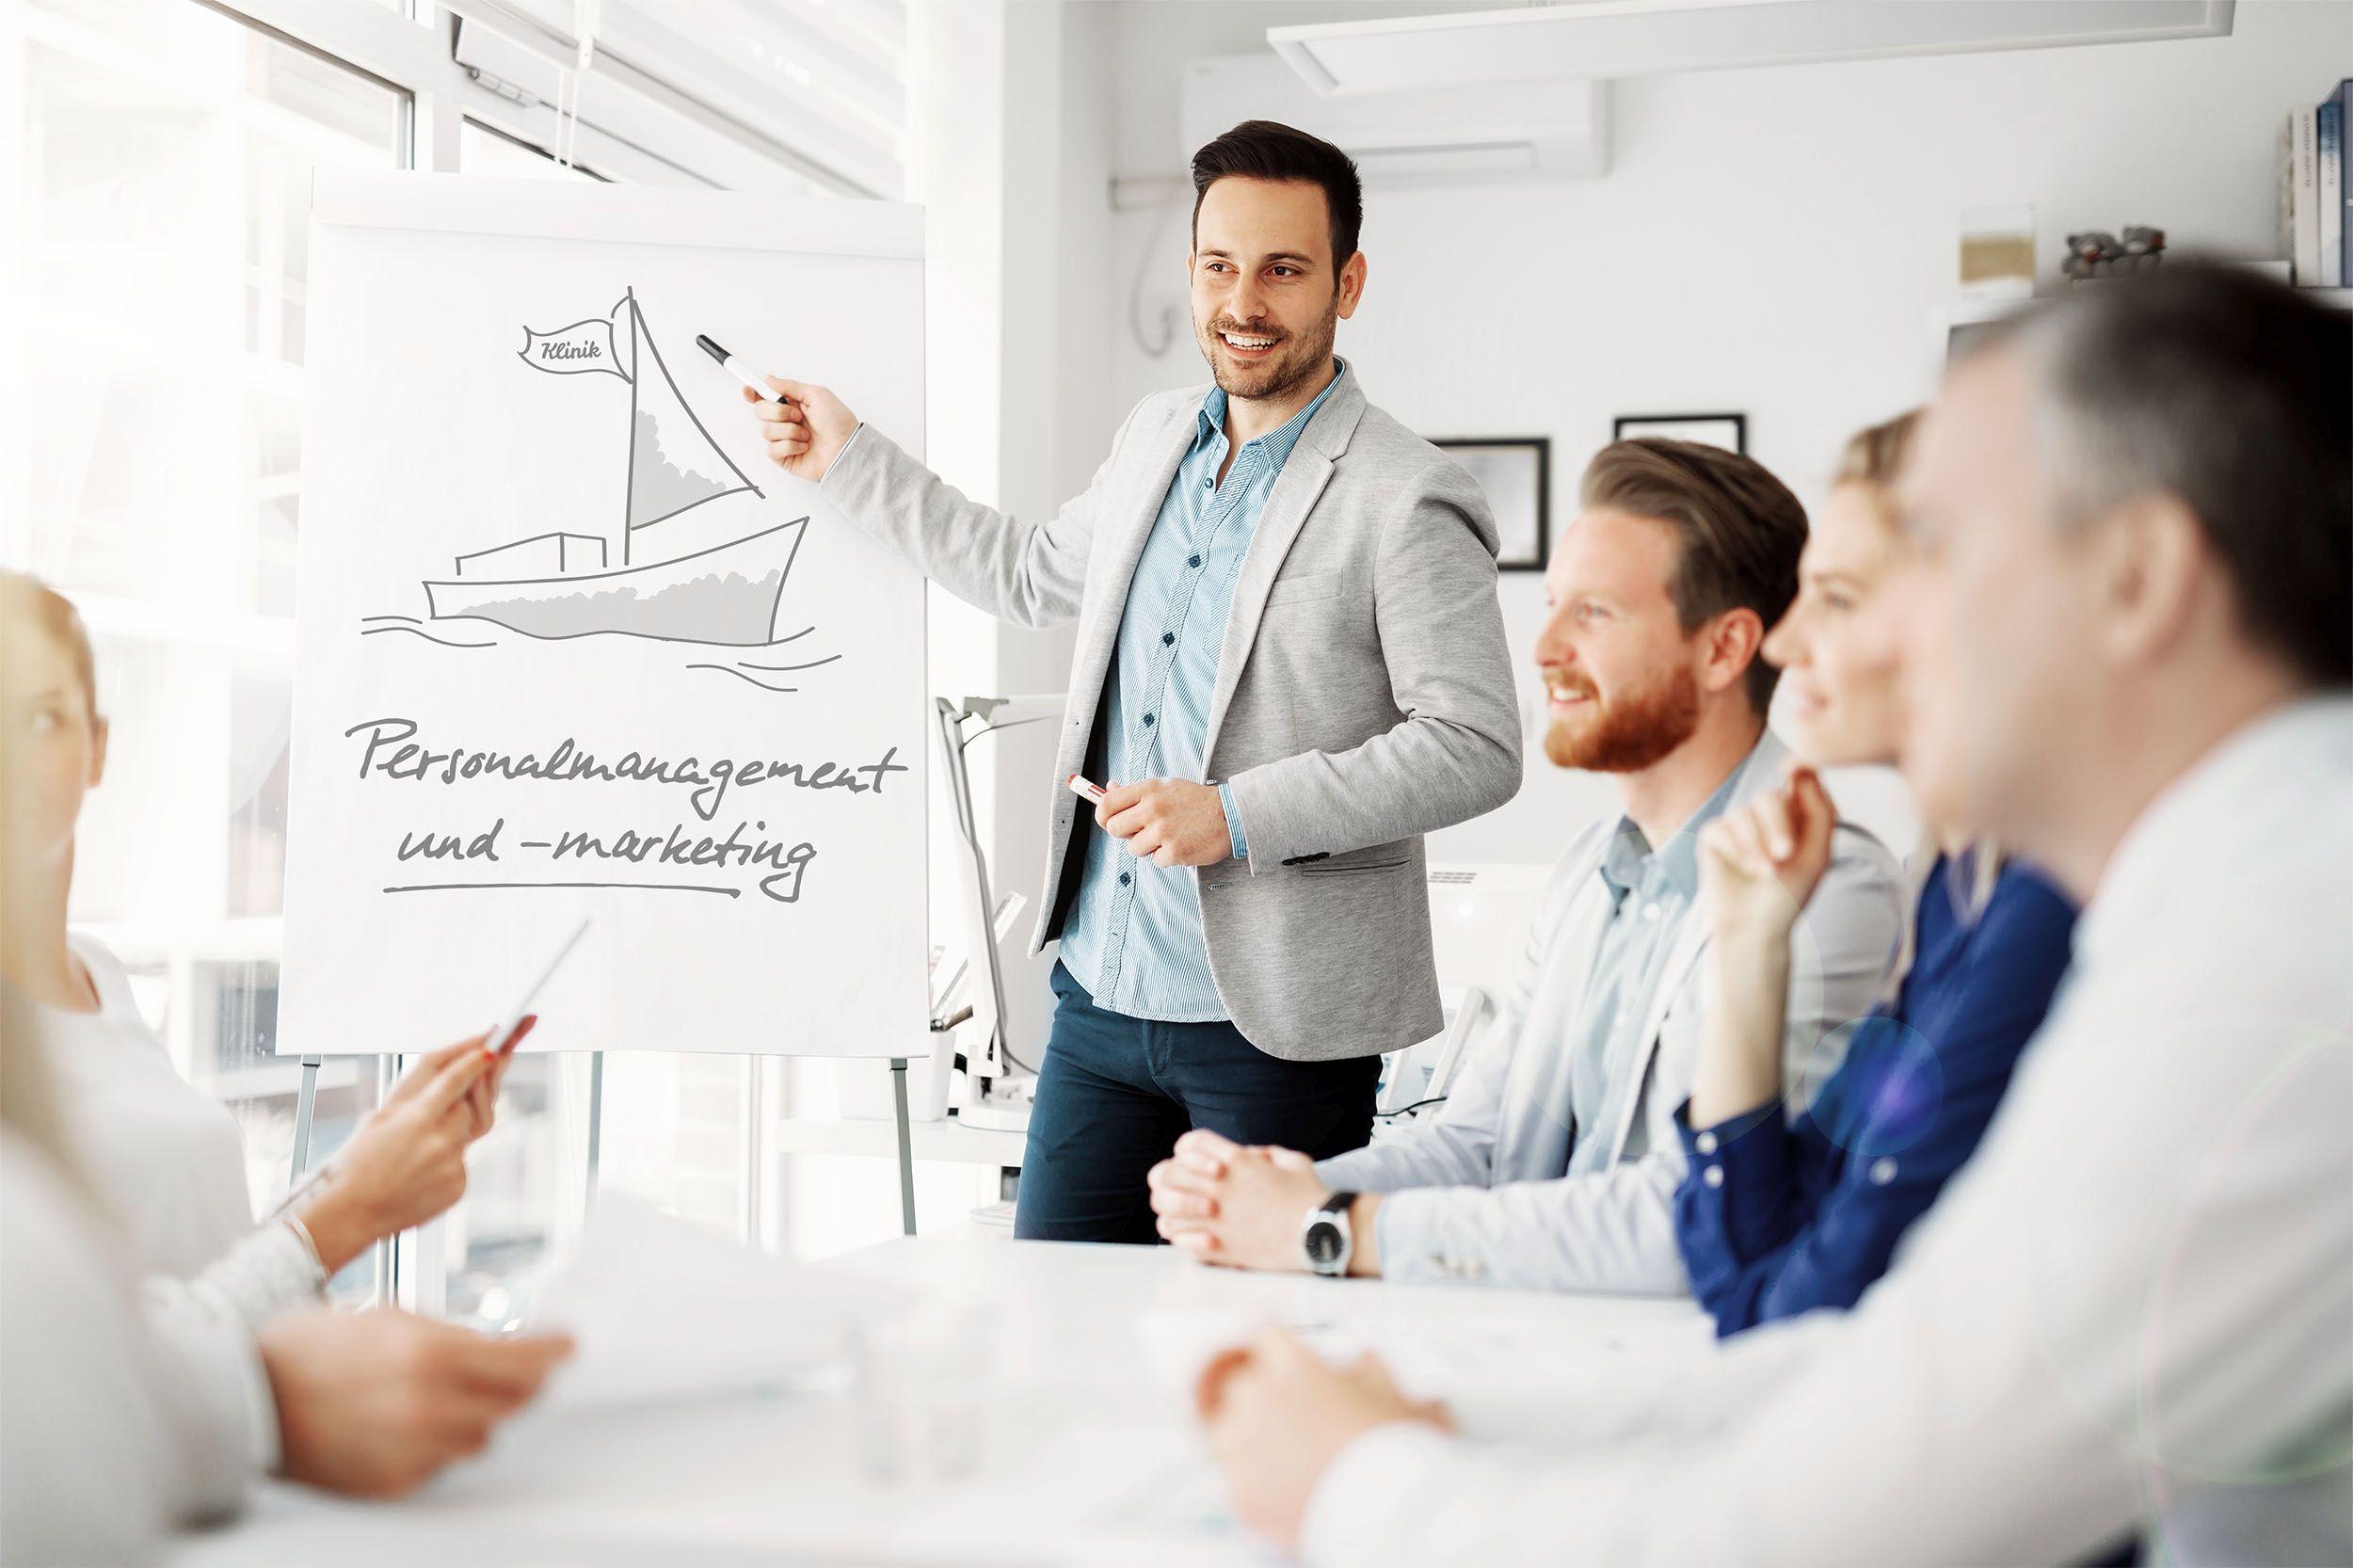 Die Workshops im Deutschen Ärzteverlag in Köln informieren rund um die Themen Employer Branding und Recruiting